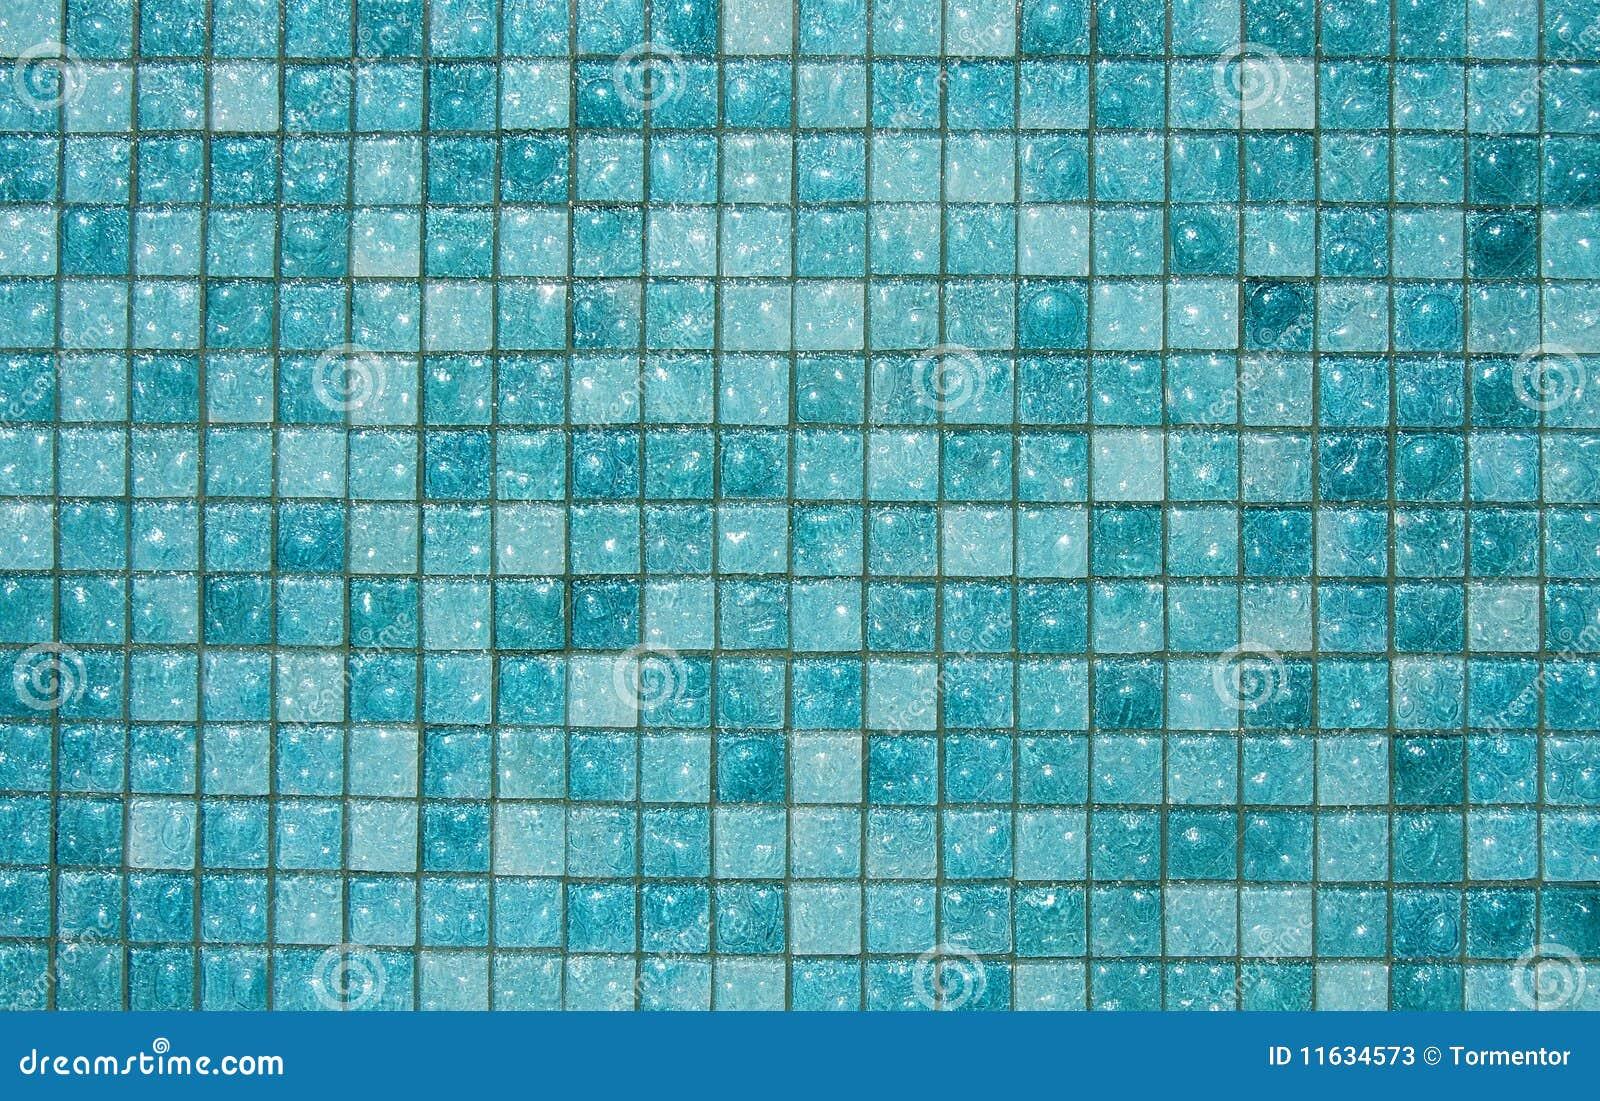 Blauwe glastegels